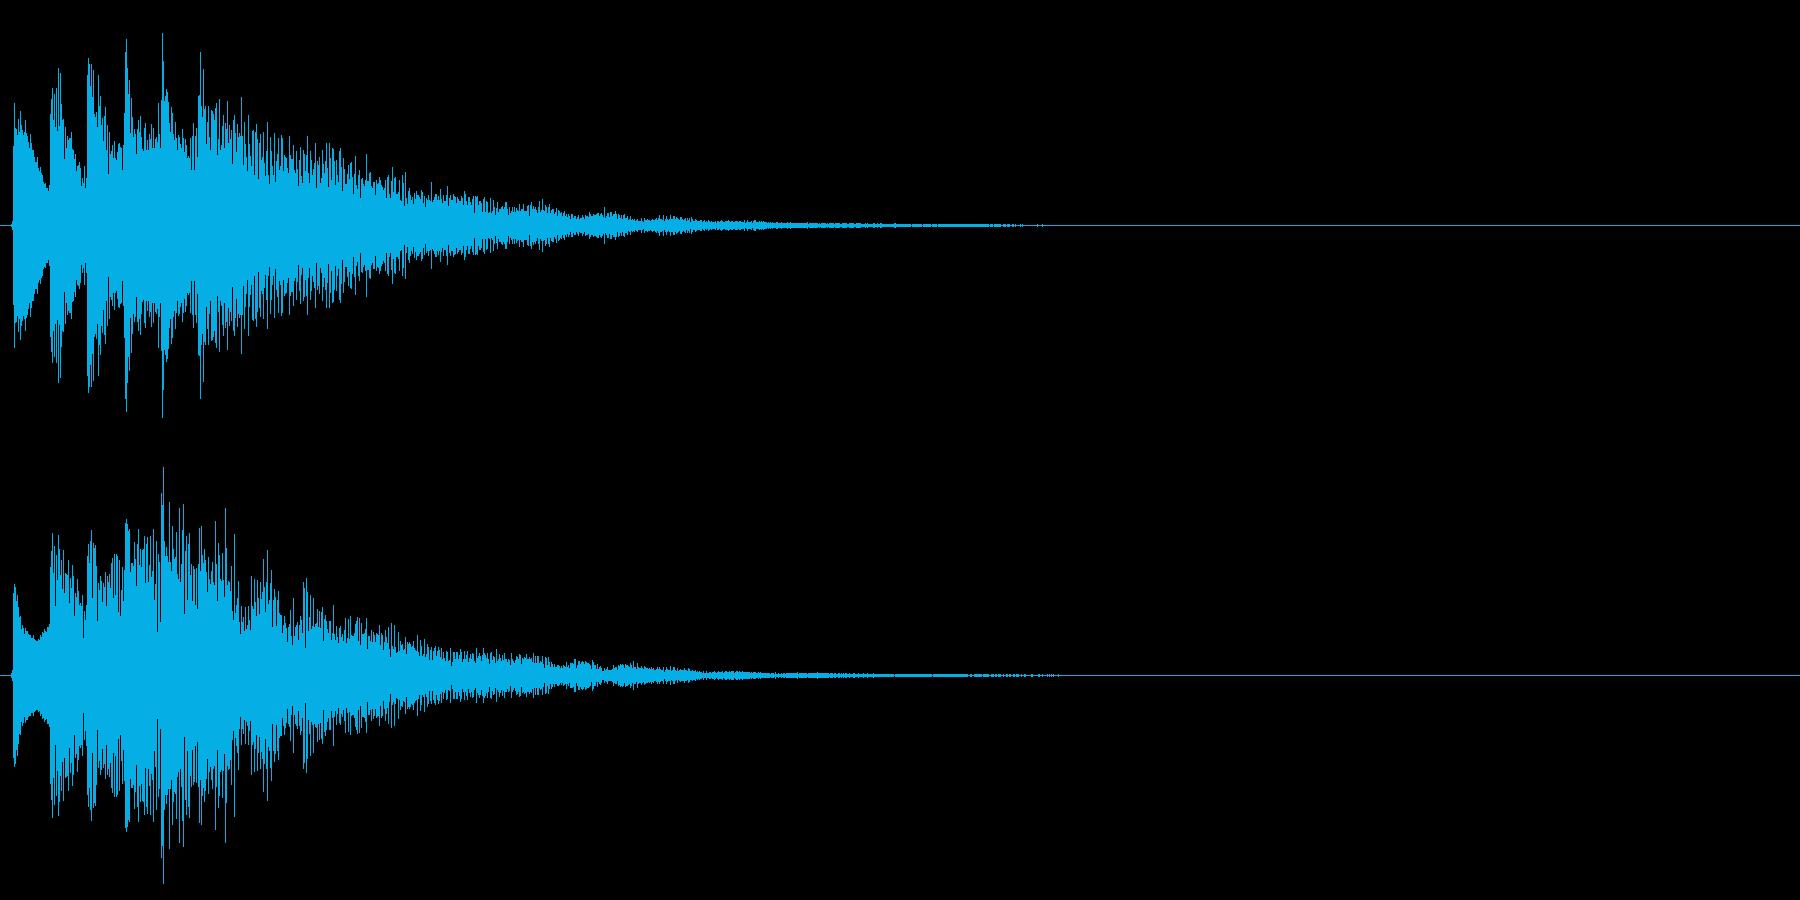 タララララン↓(場面転換、下降)の再生済みの波形